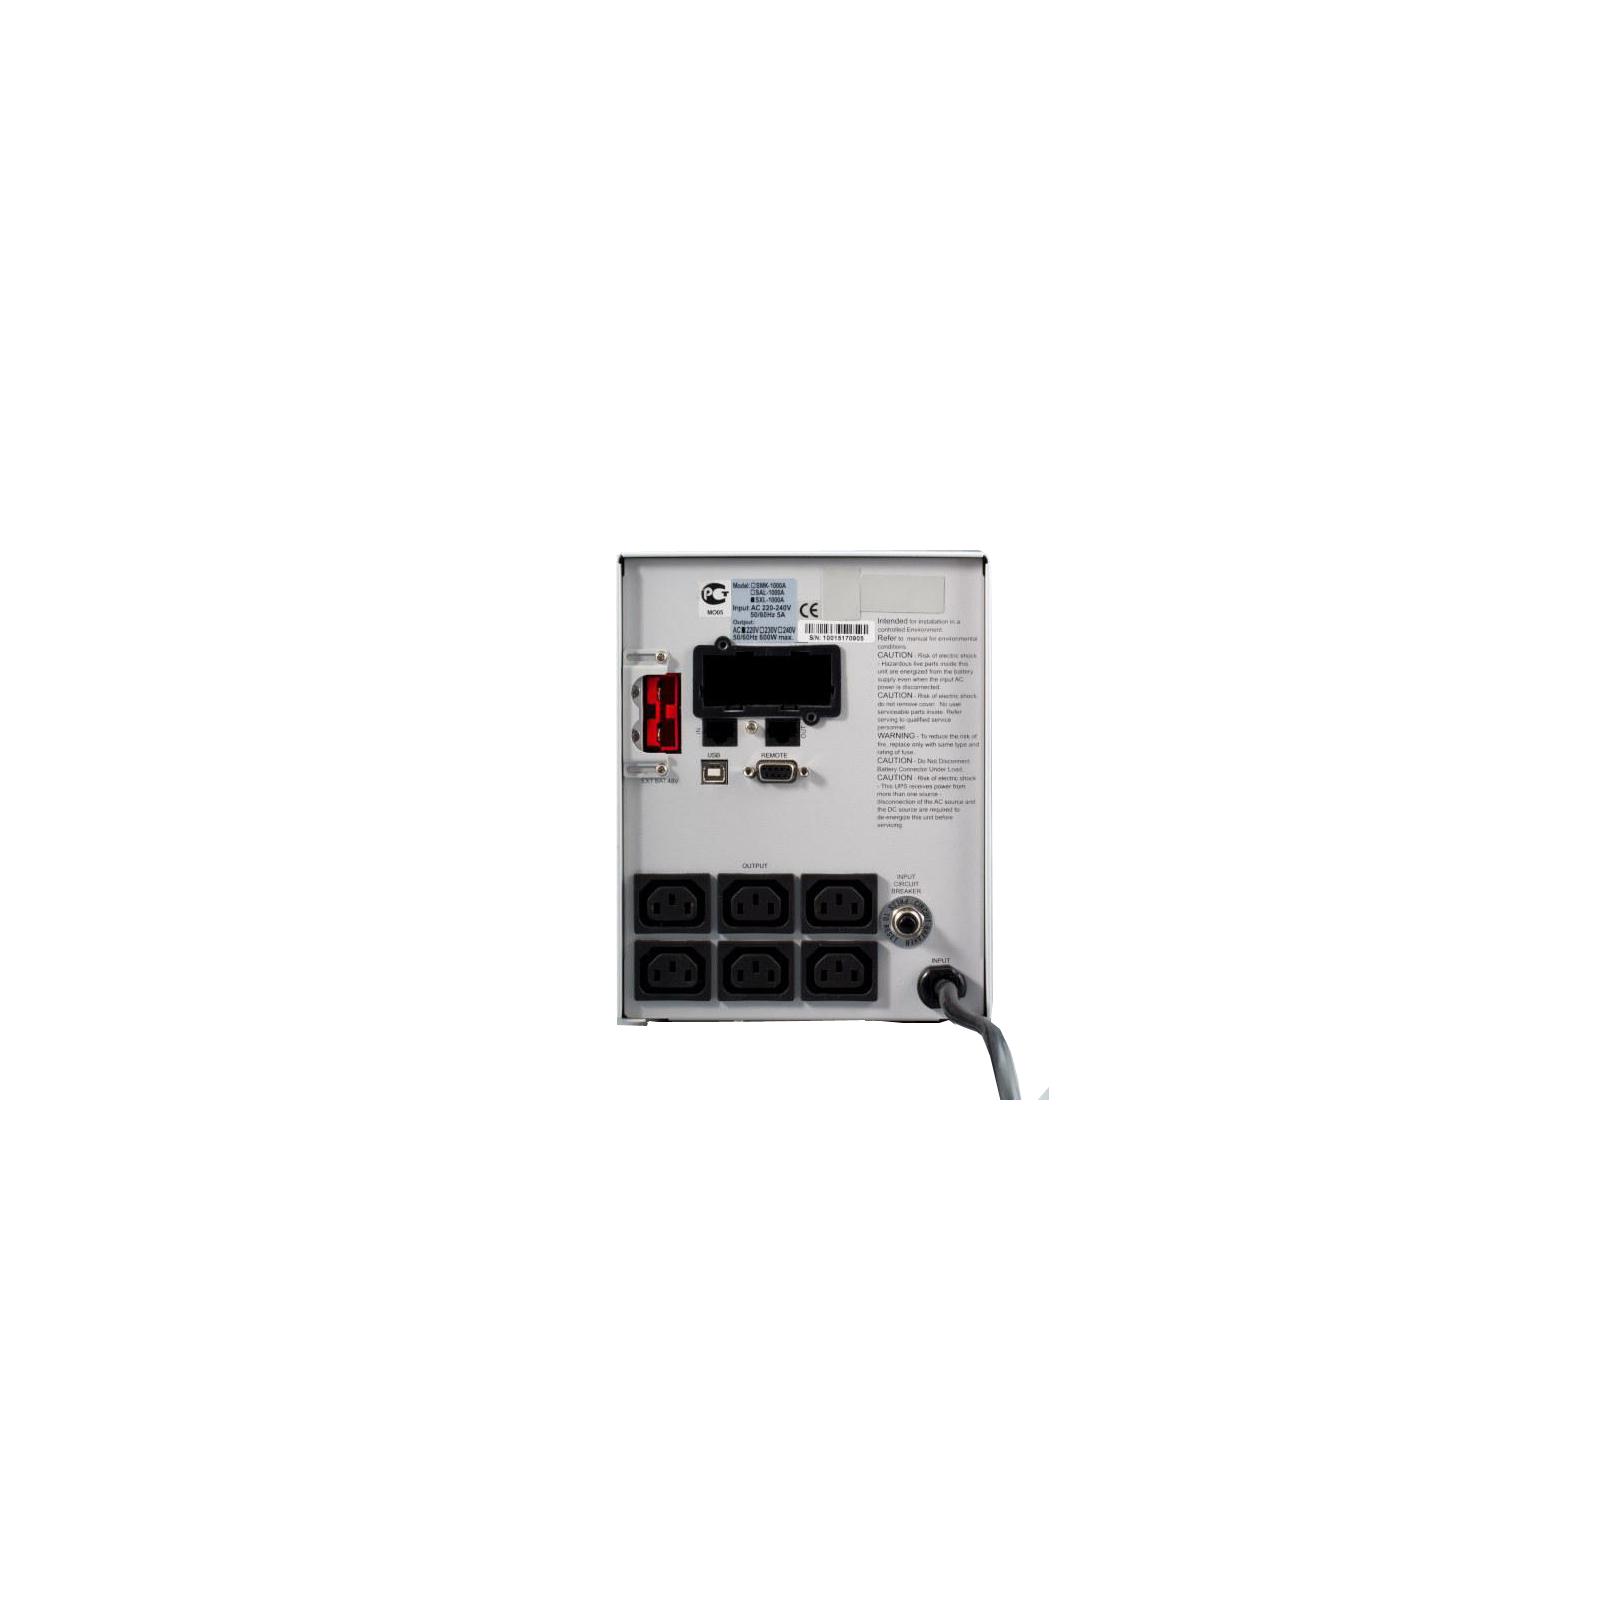 Источник бесперебойного питания Powercom SXL-1000A-LCD (SXL-1K0A-6GC-2440) изображение 2